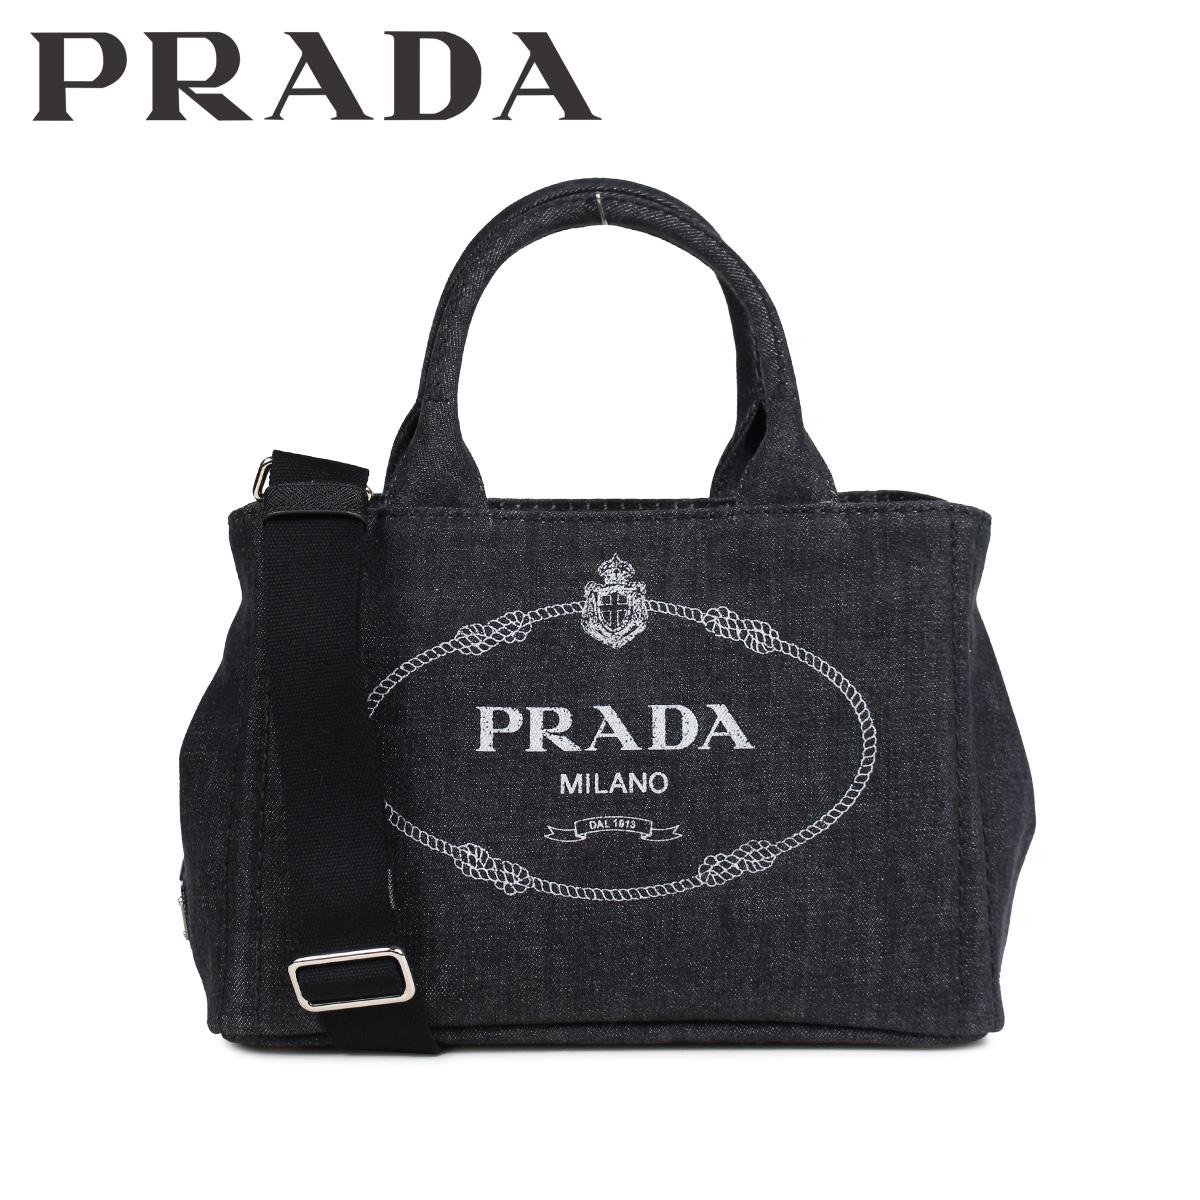 PRADA プラダ バッグ トートバッグ ショルダー カナパ レディース 2WAY CANAPA デニム ブラック 黒 1BG439V 0Y0AJ6 F0002